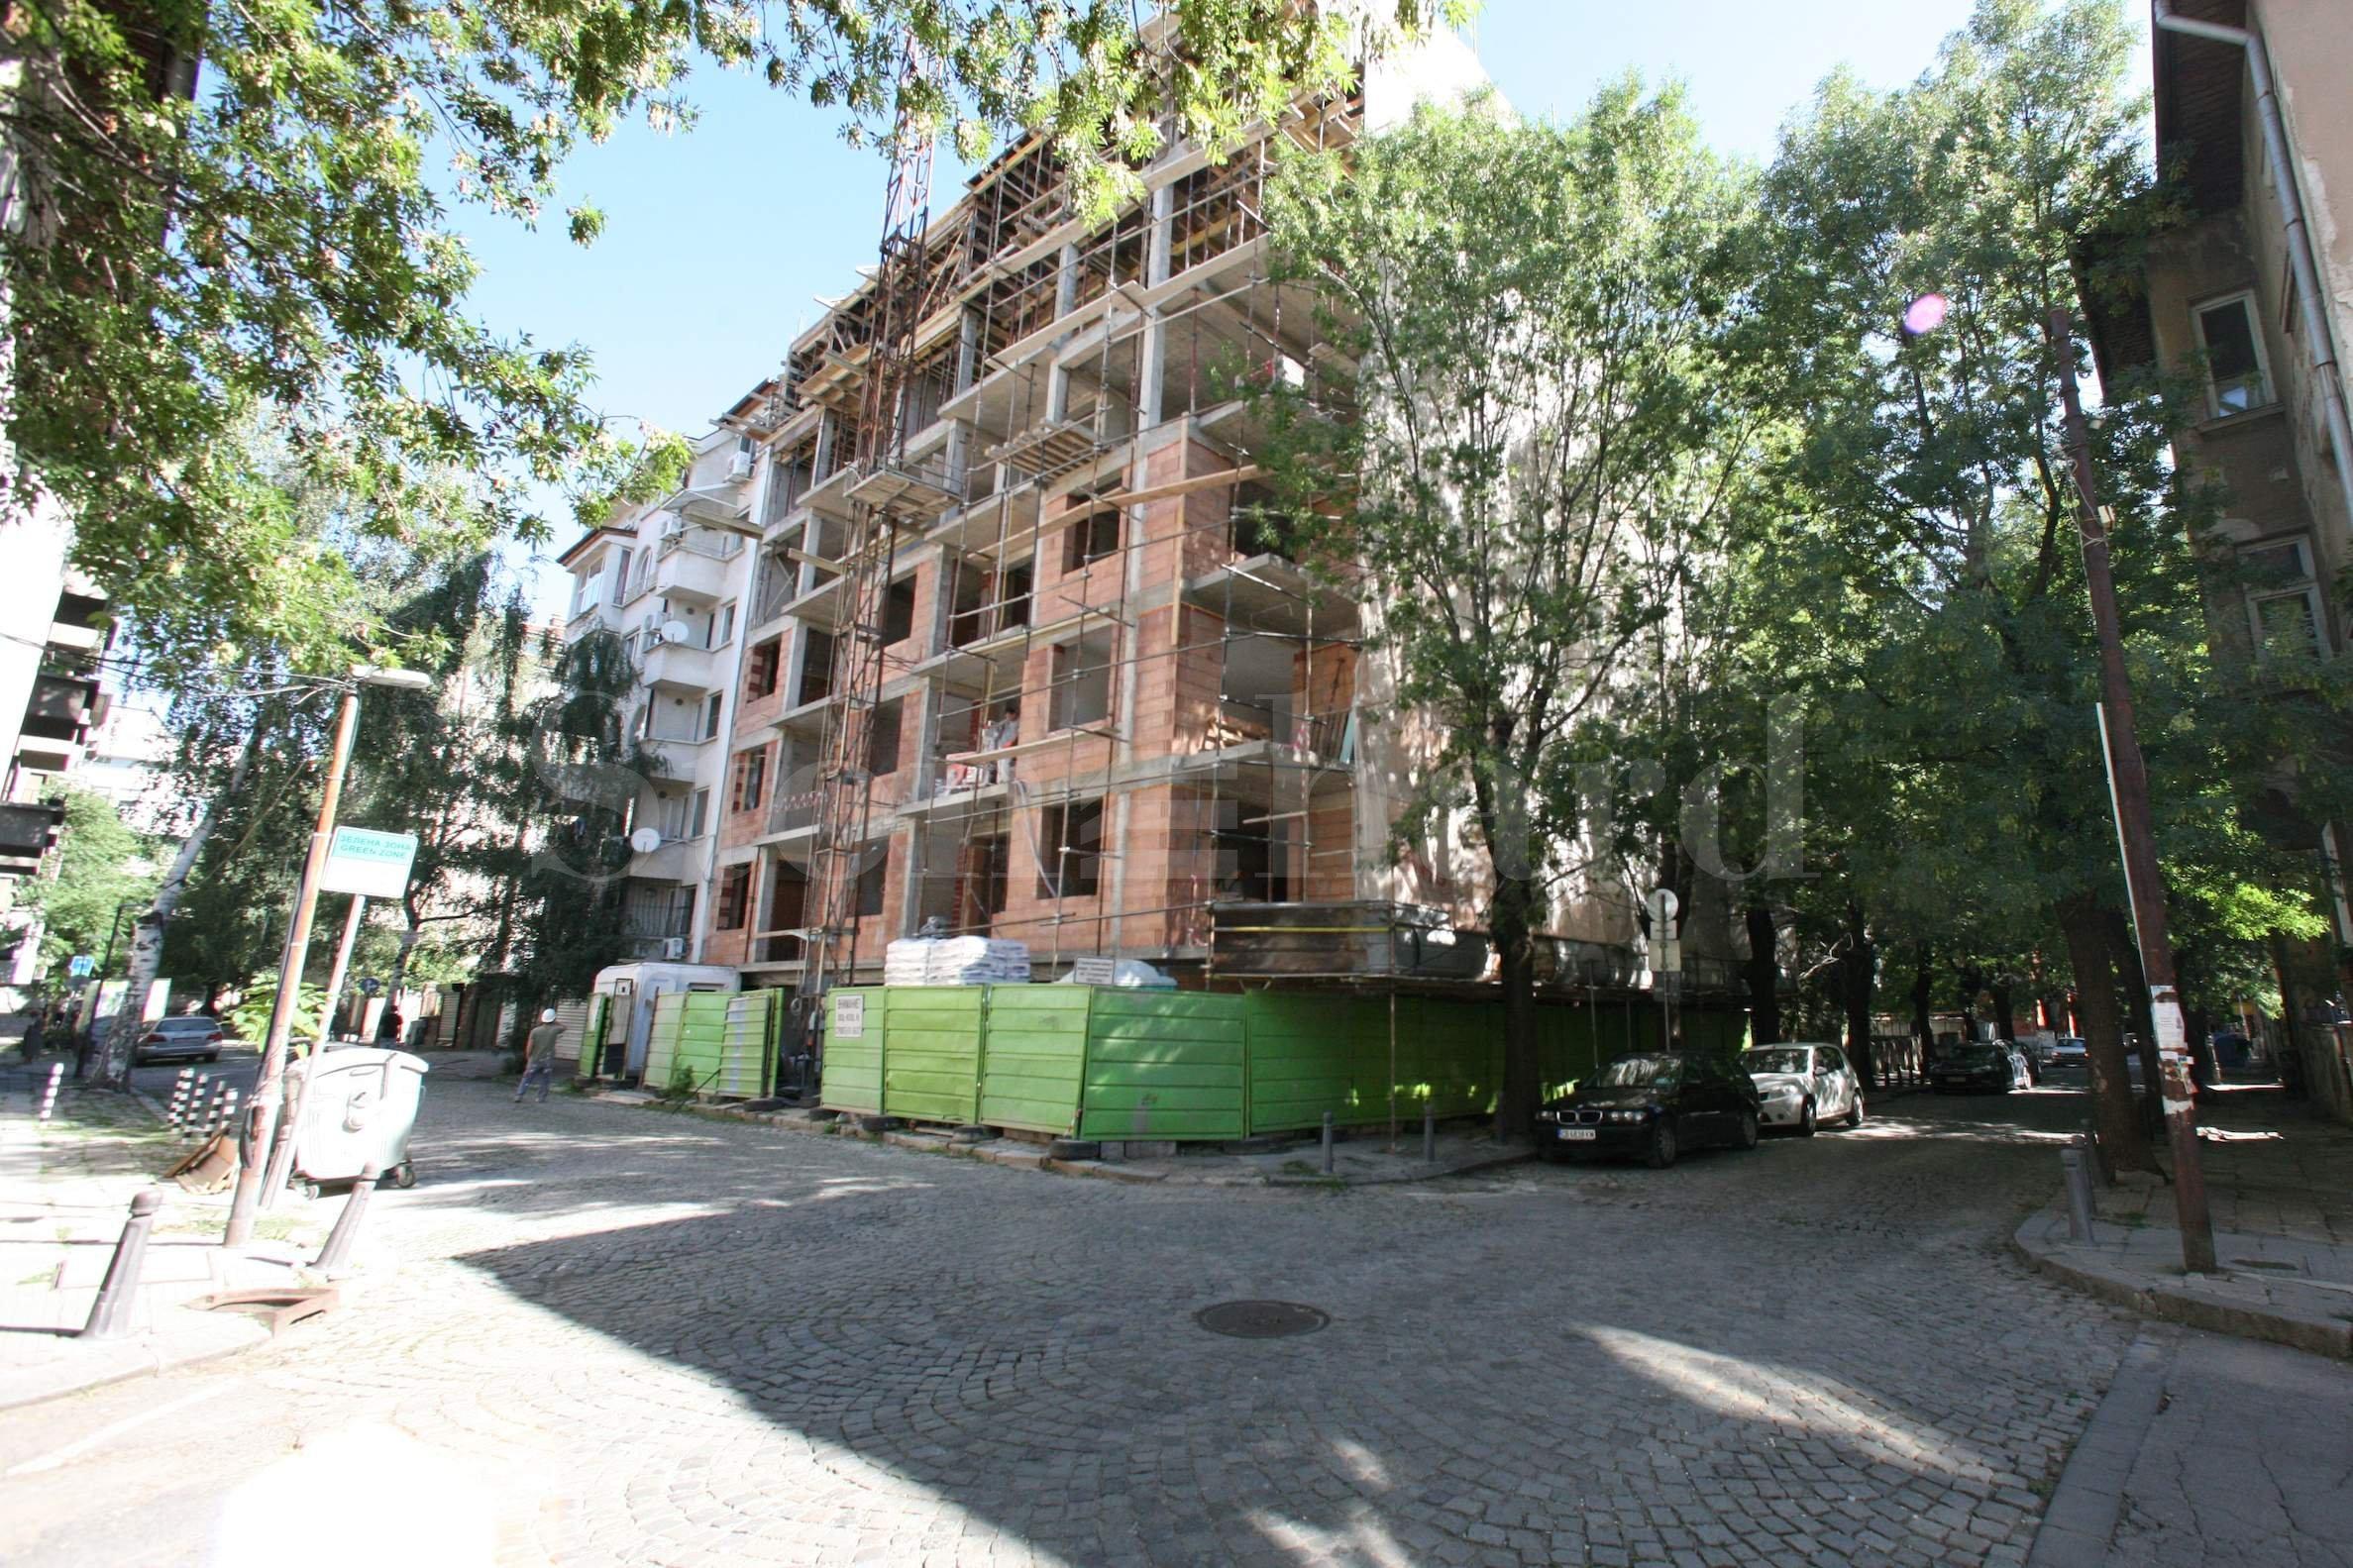 Апартаменти с паркоместа, включени в цената на топ център София1 - Stonehard